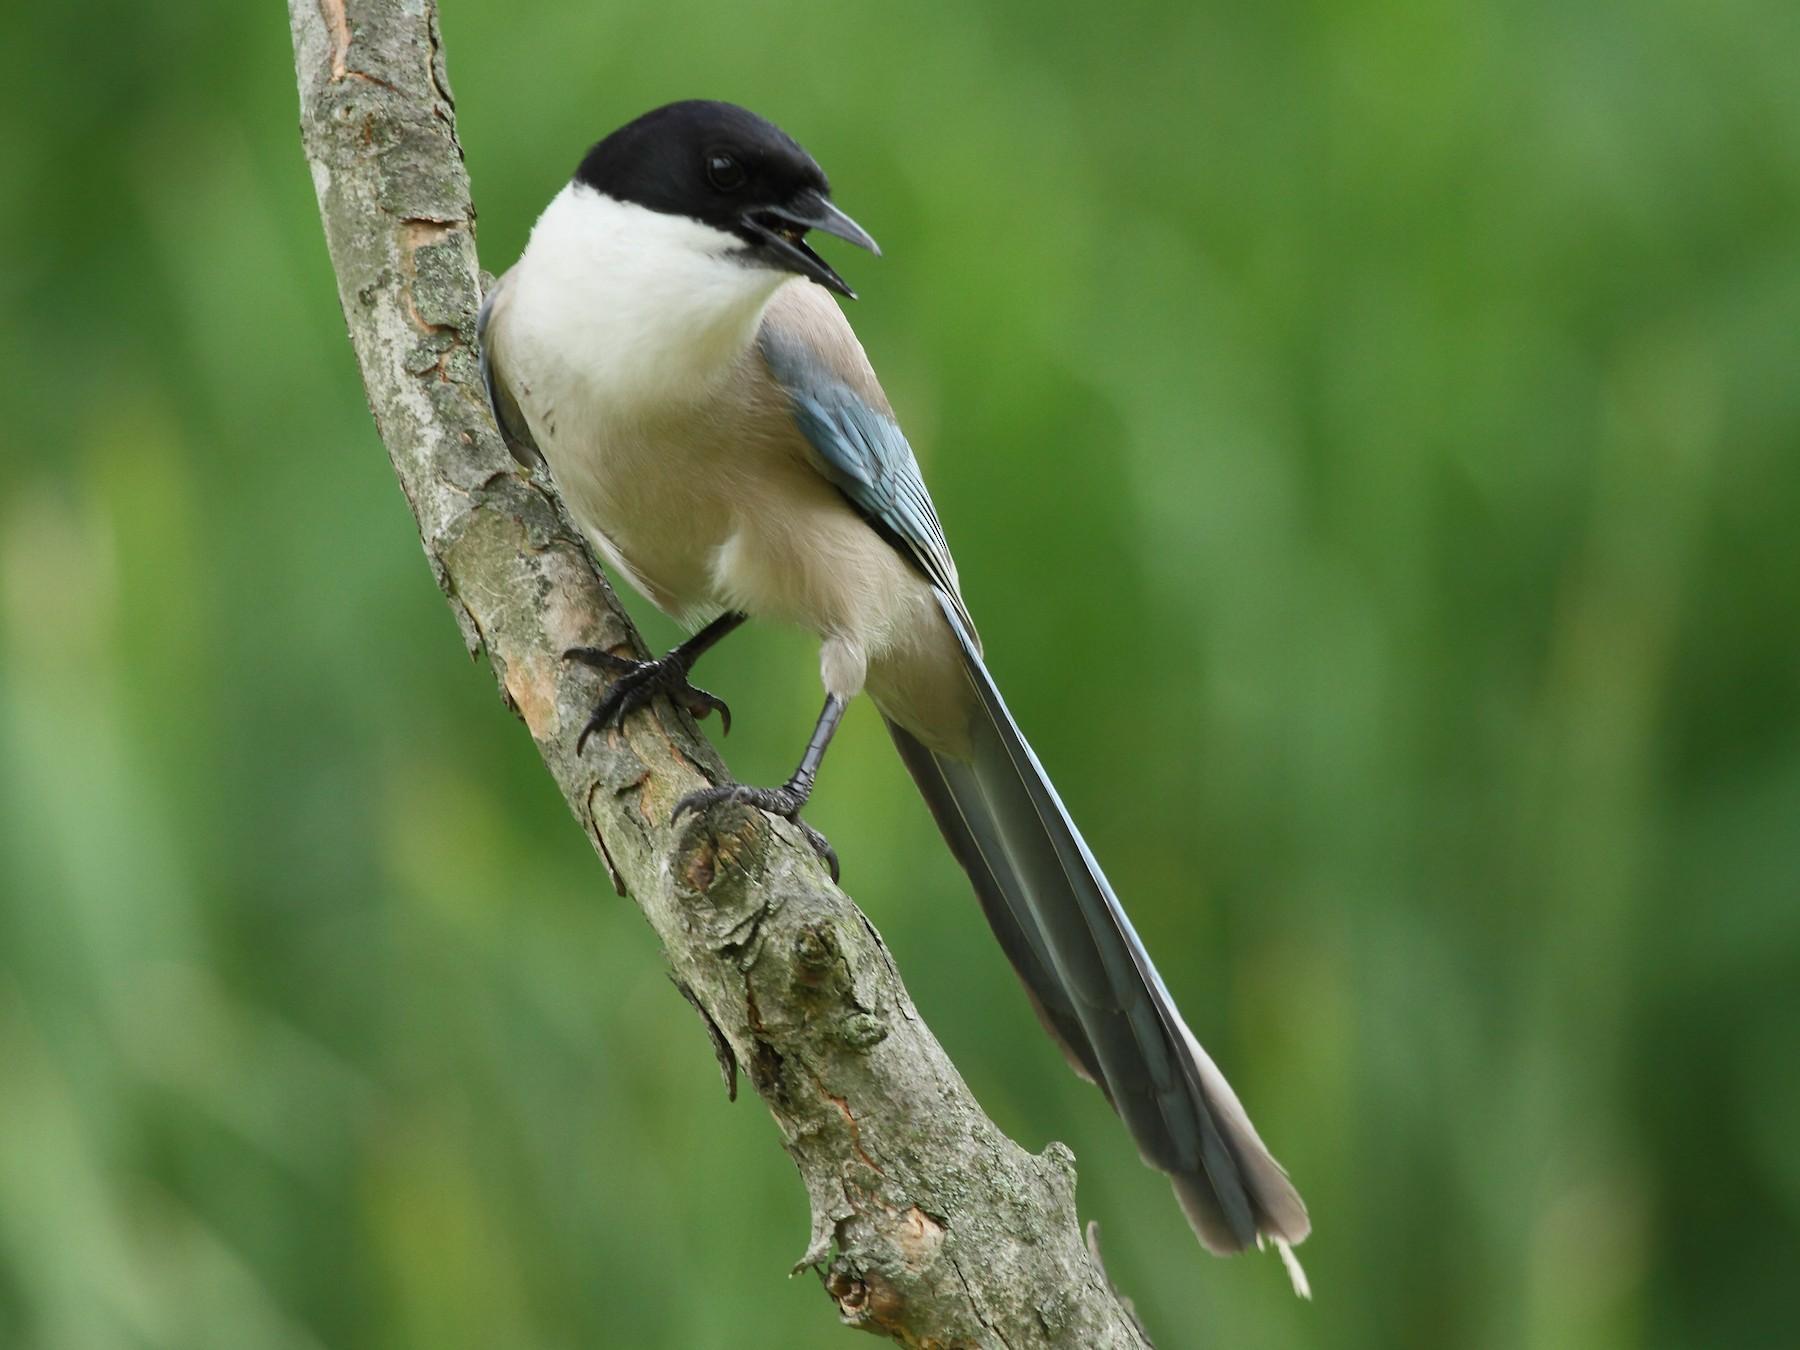 Azure-winged Magpie - Patrick J. Blake